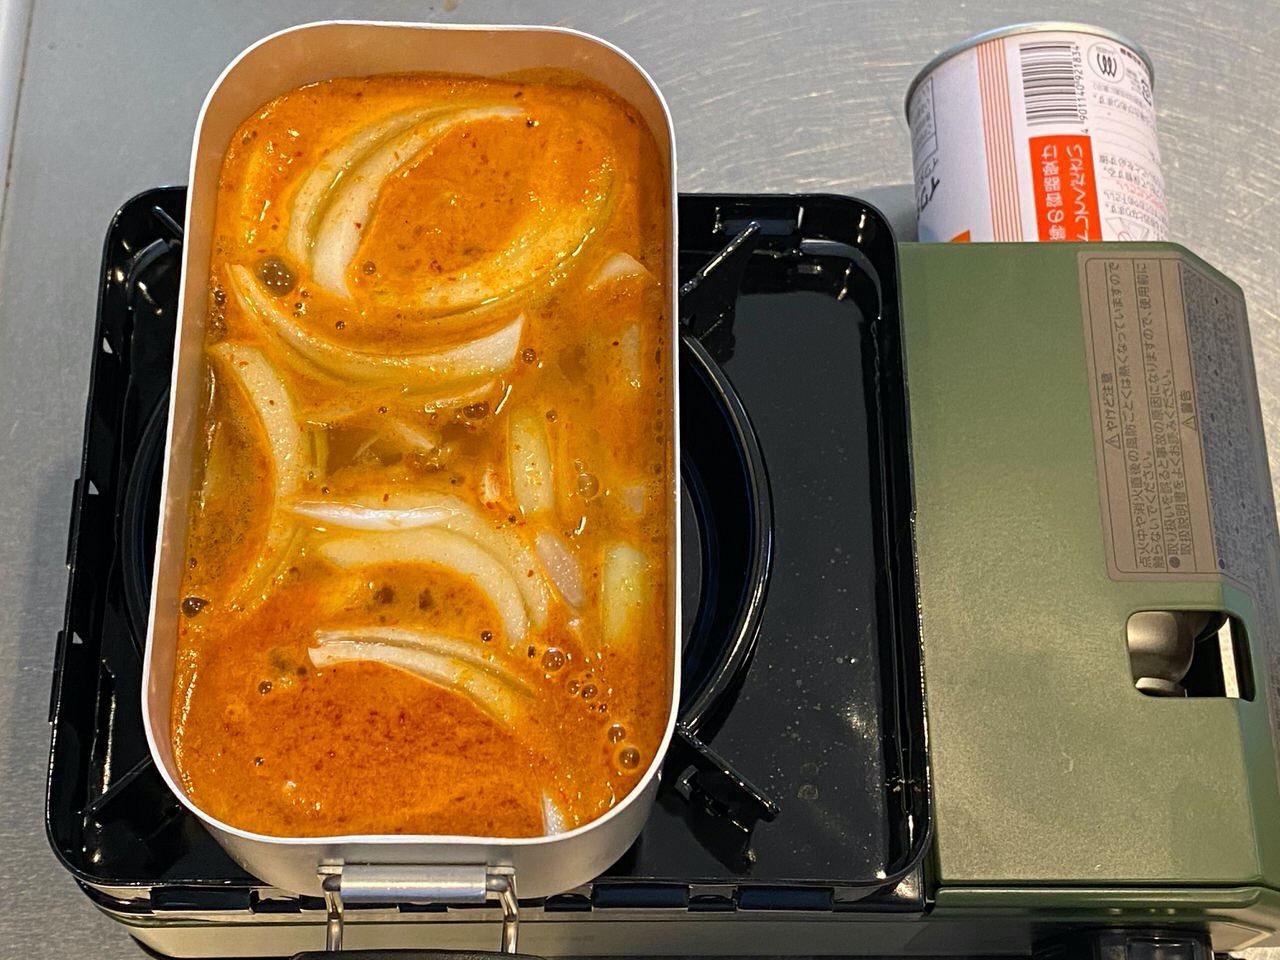 「チャルメラ宮崎辛麺」そのまま食べるとかなり辛いけど卵を入れると抜群の旨さになる!